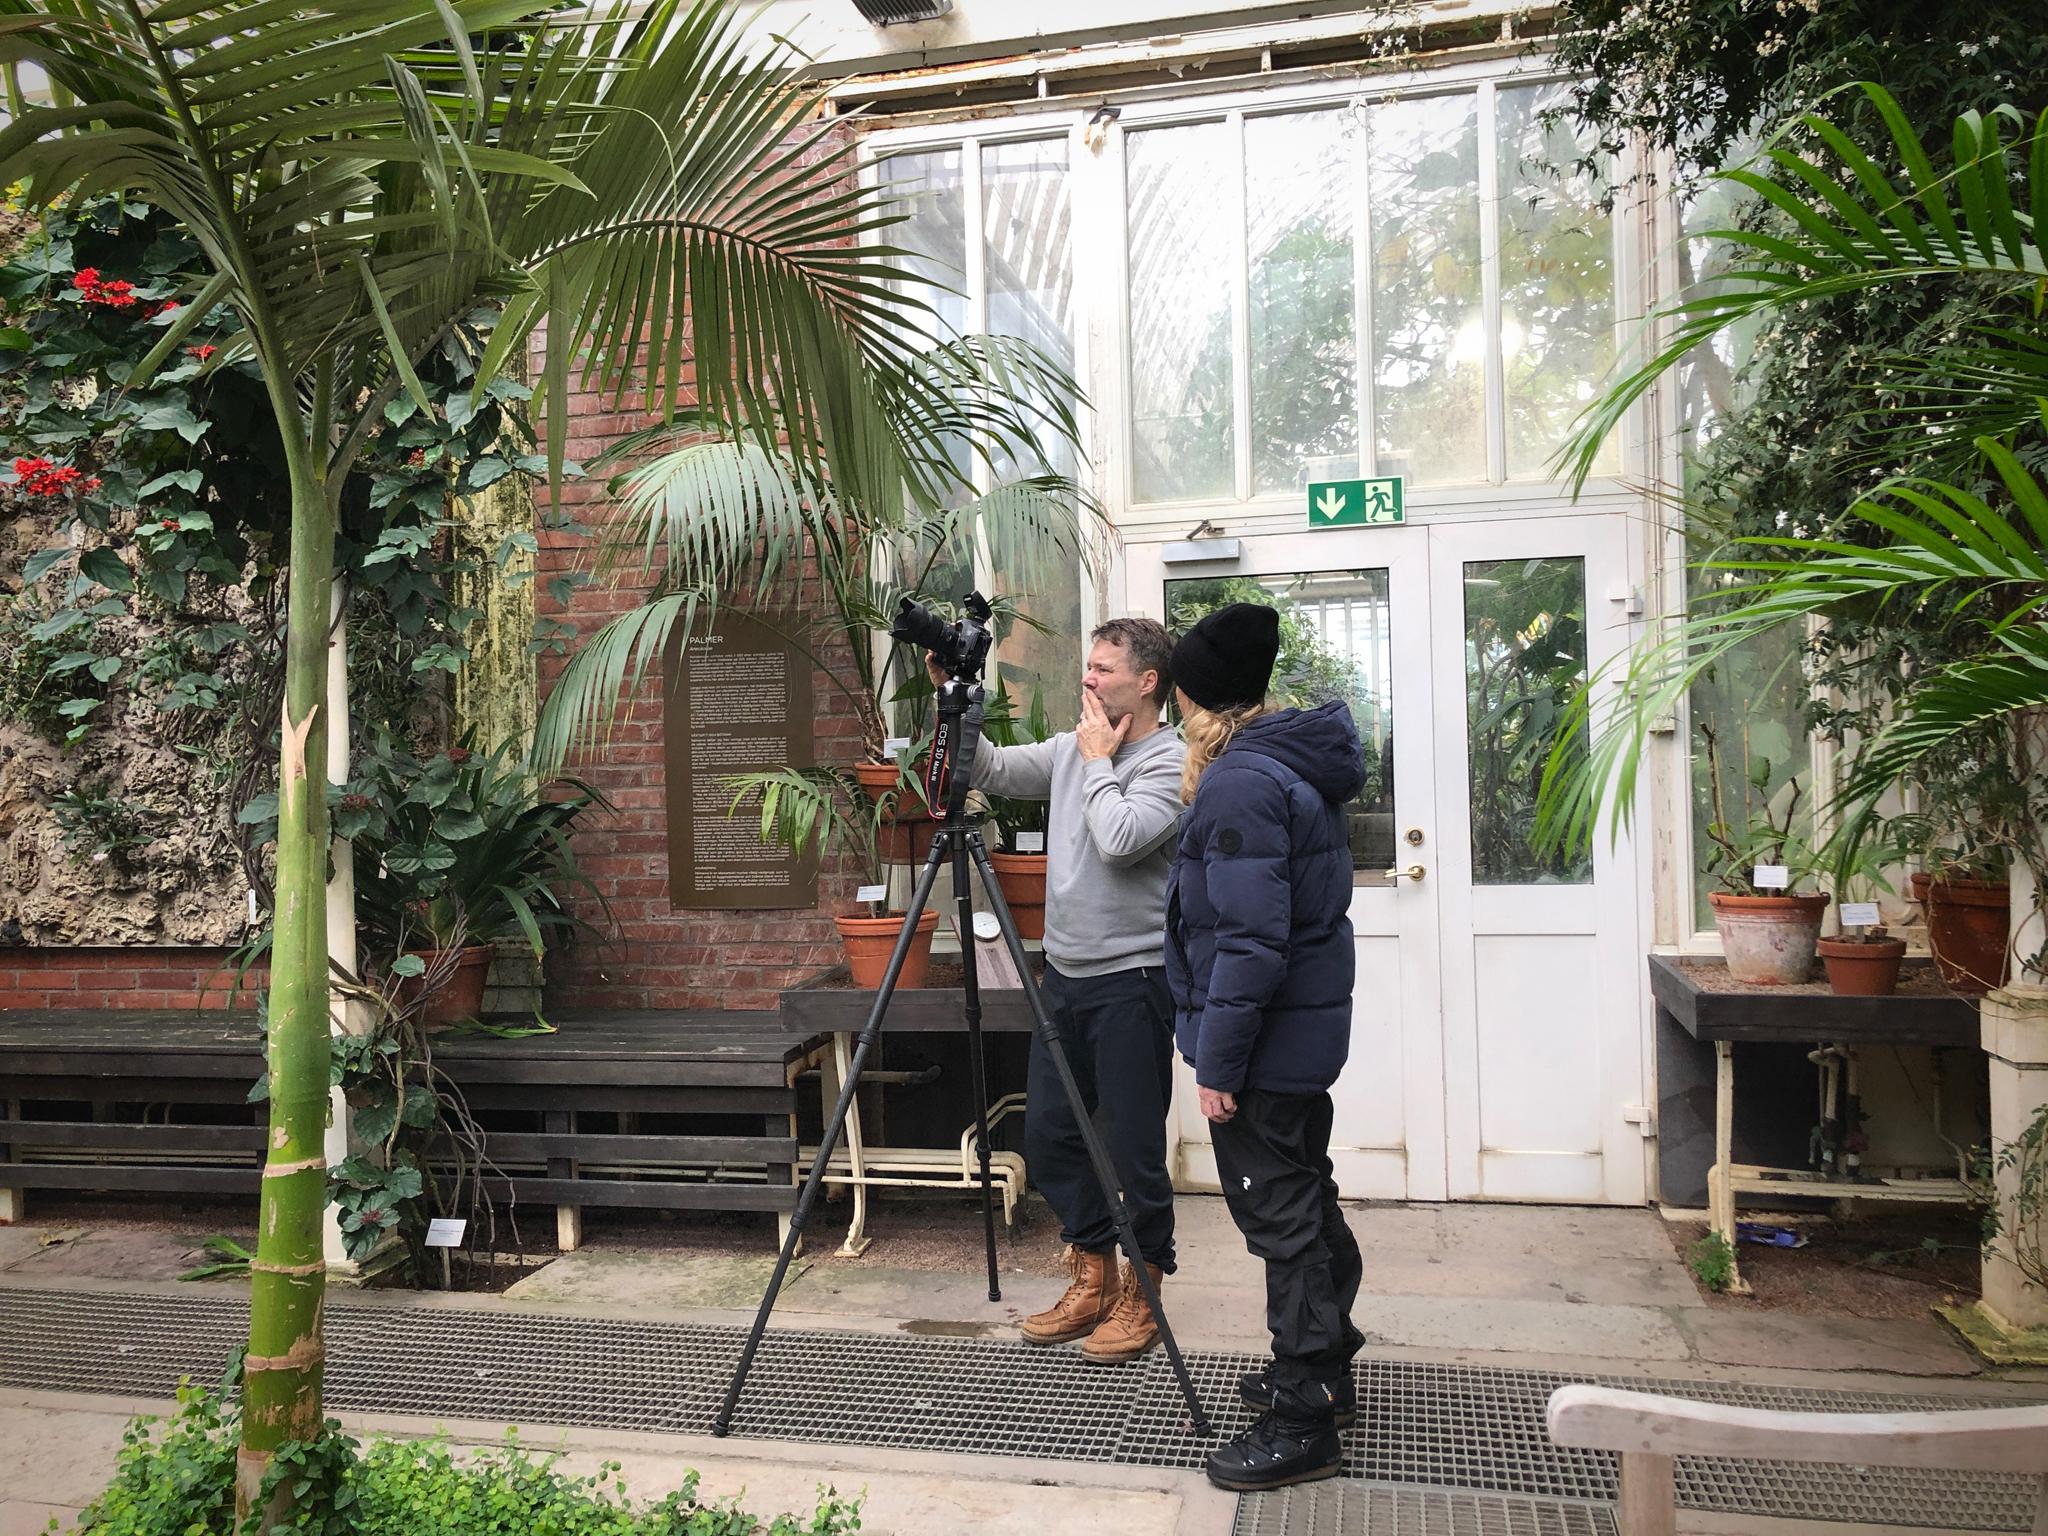 vegafoto ceasar crm palmhuset.jpeg